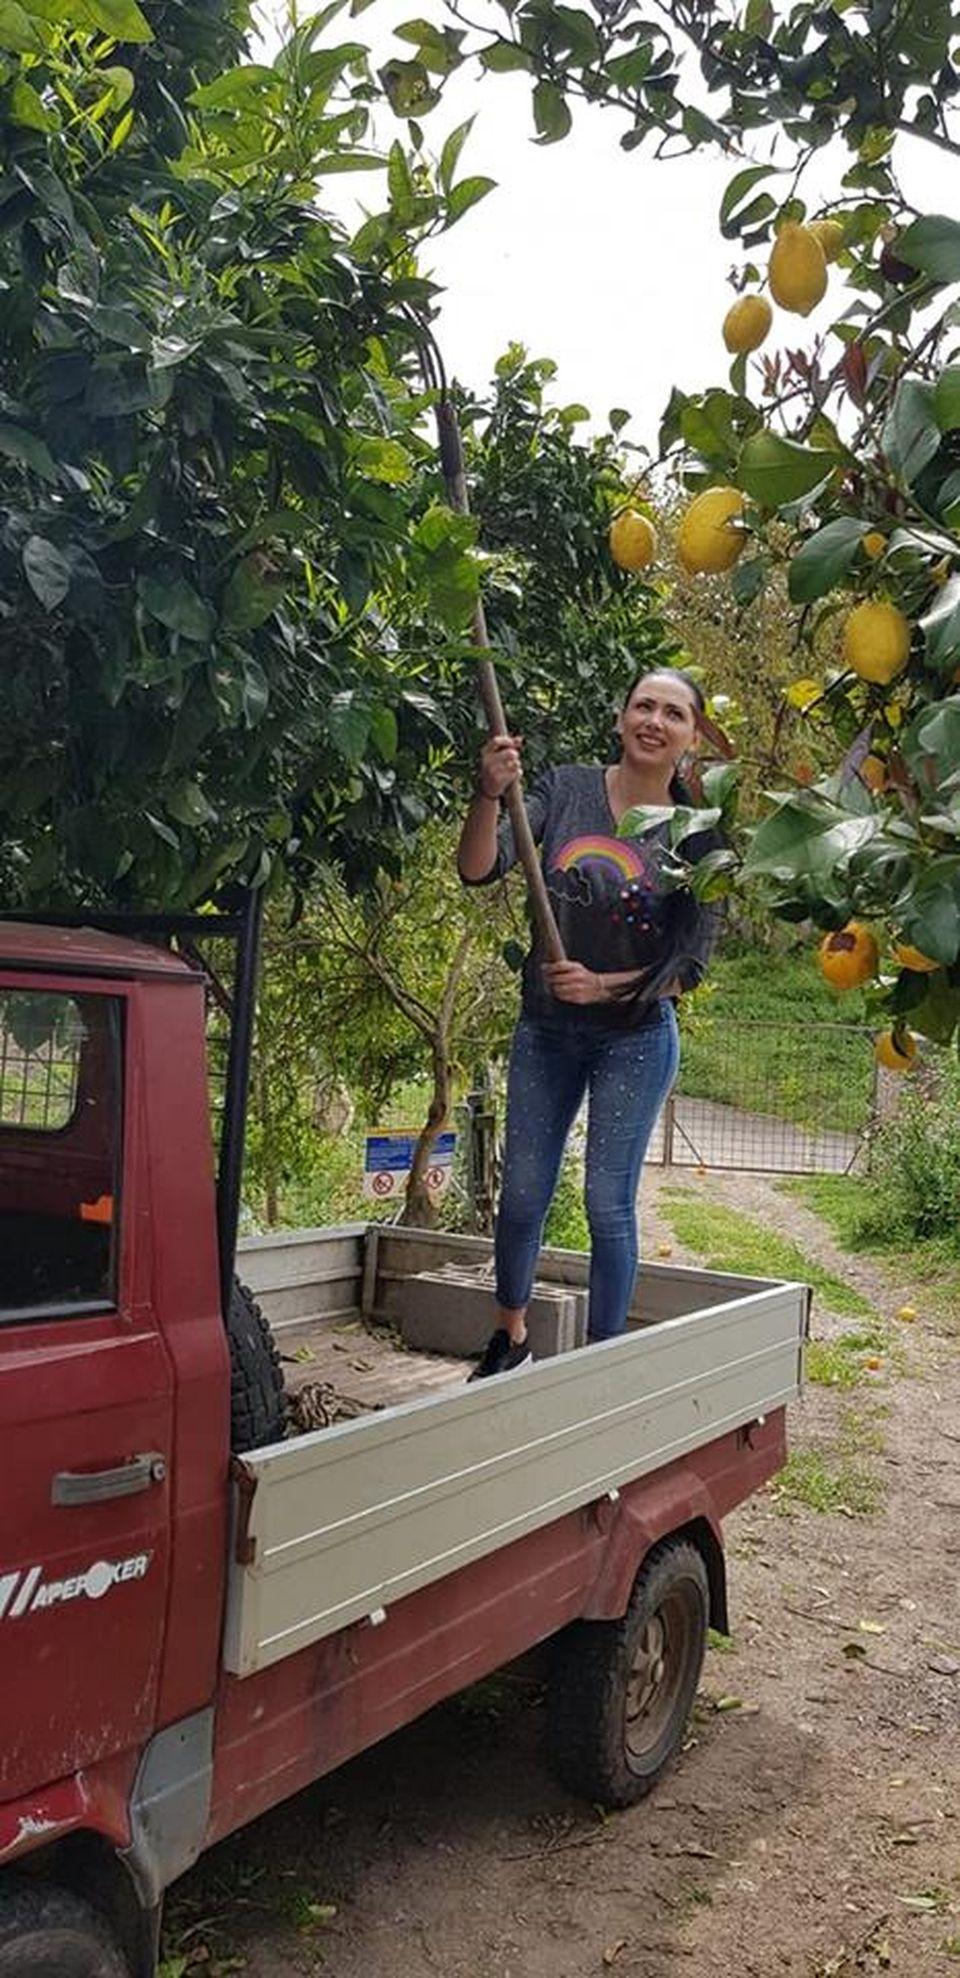 Nevasta lui Tolea Ciumac culege portocale în Sardinia FOTO